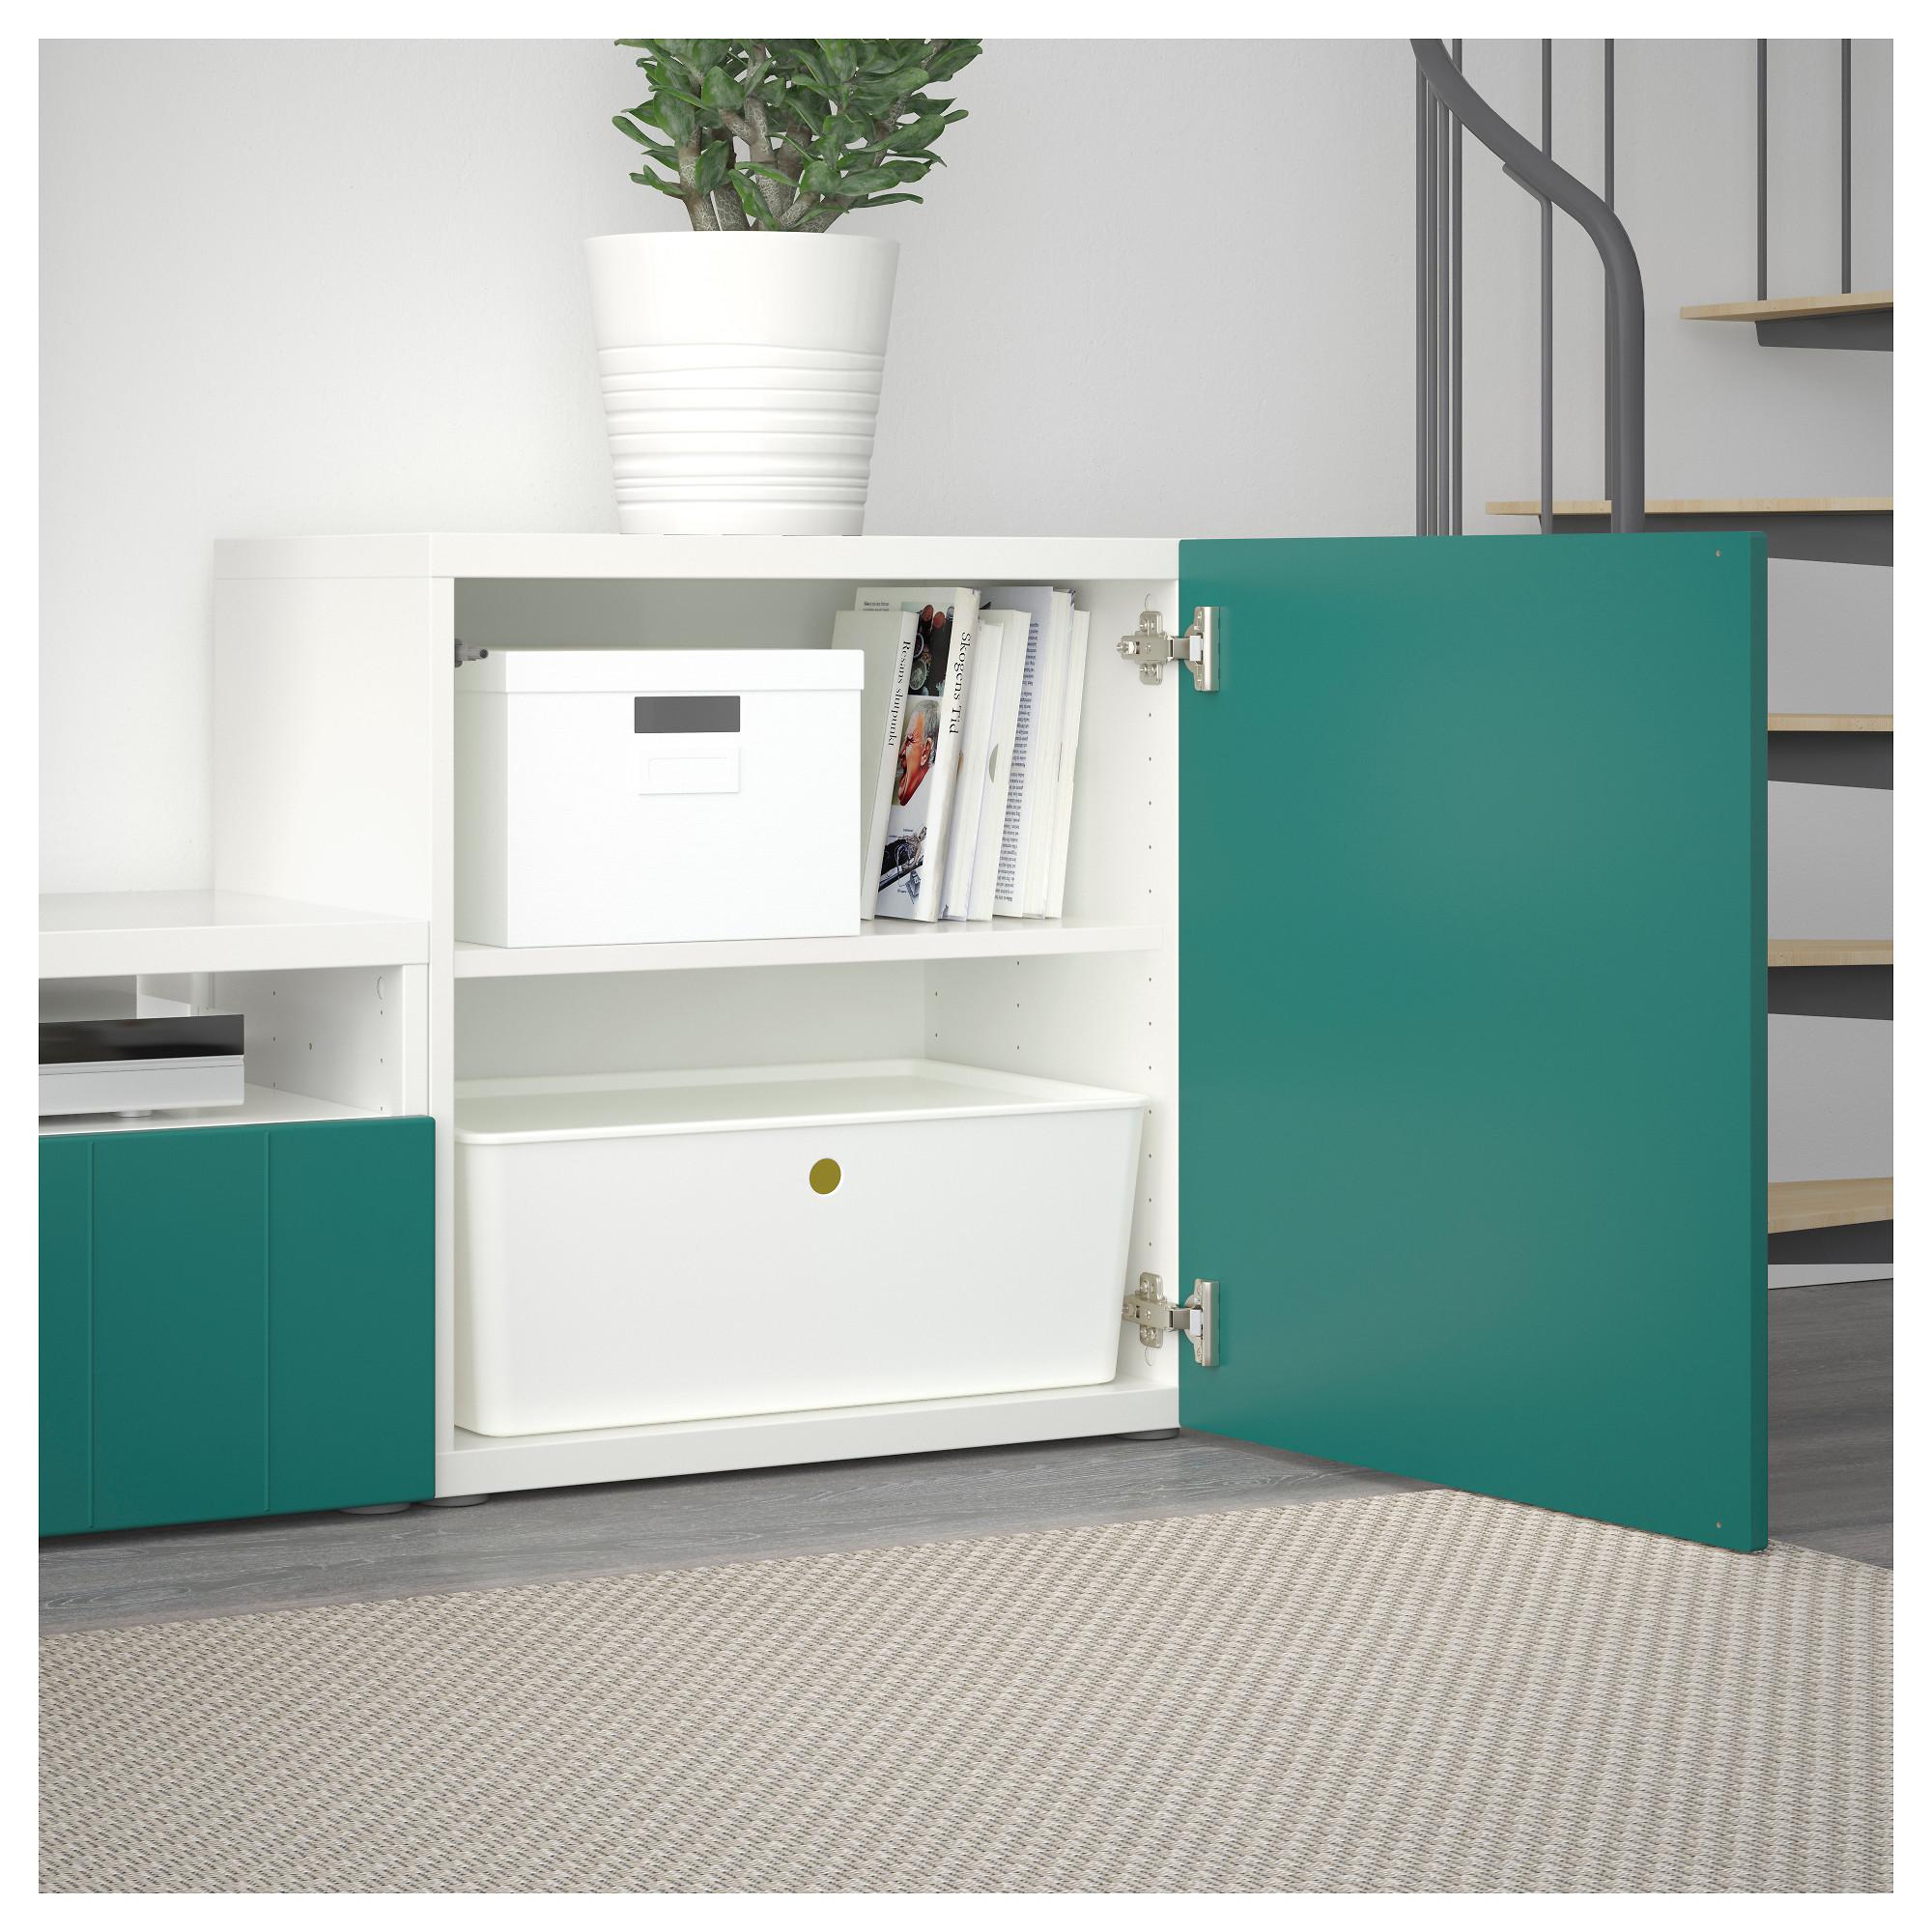 Шкаф для ТВ, комбинированный, стекляные дверцы БЕСТО артикуль № 092.761.36 в наличии. Интернет сайт IKEA Минск. Быстрая доставка и соборка.